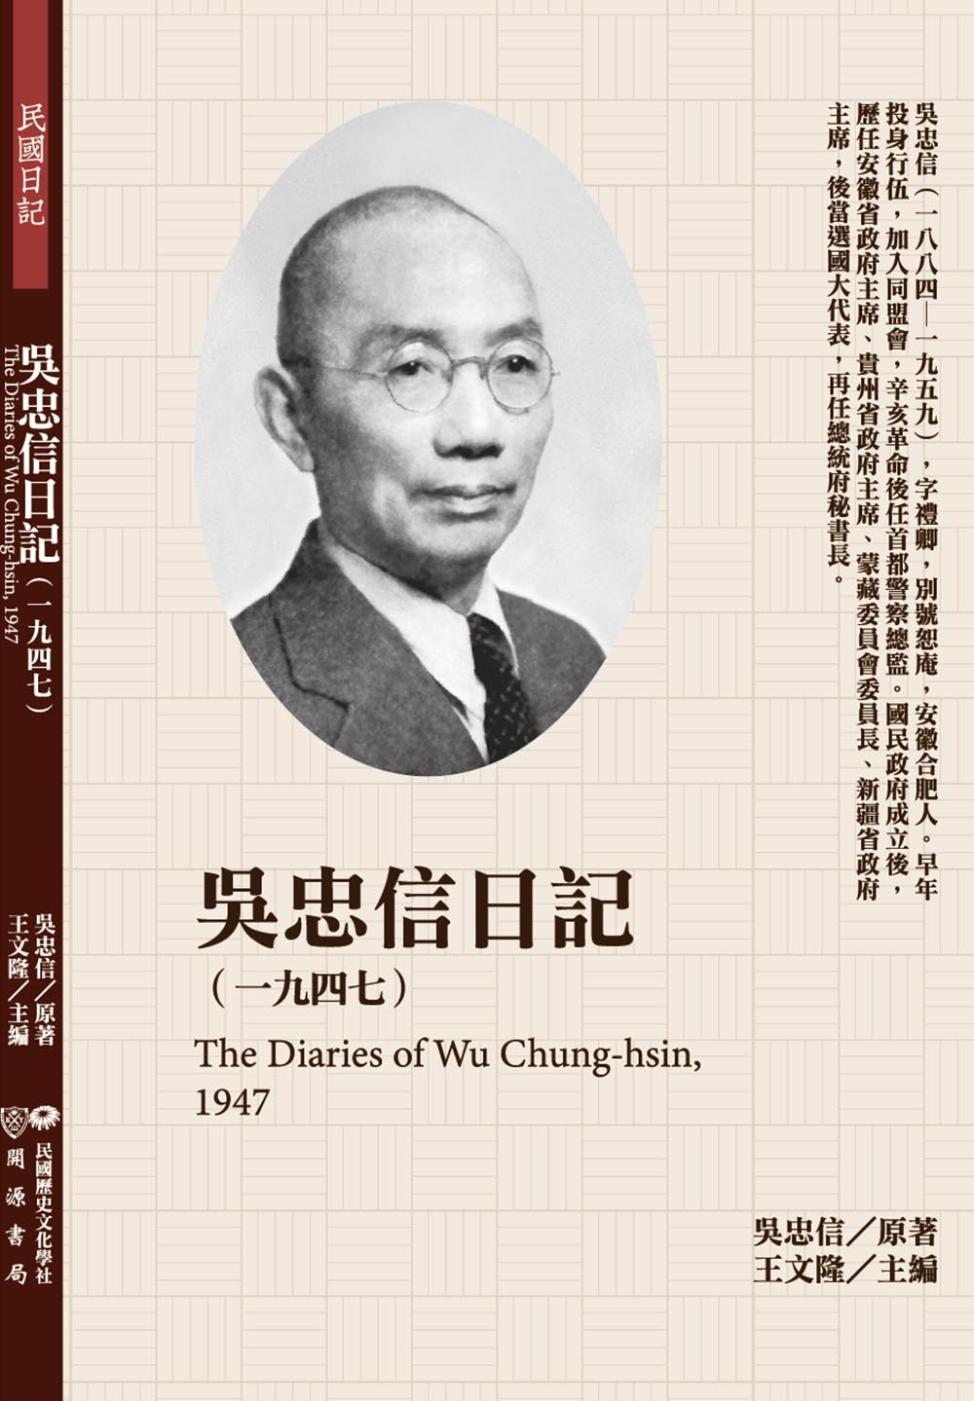 吳忠信日記(1947)